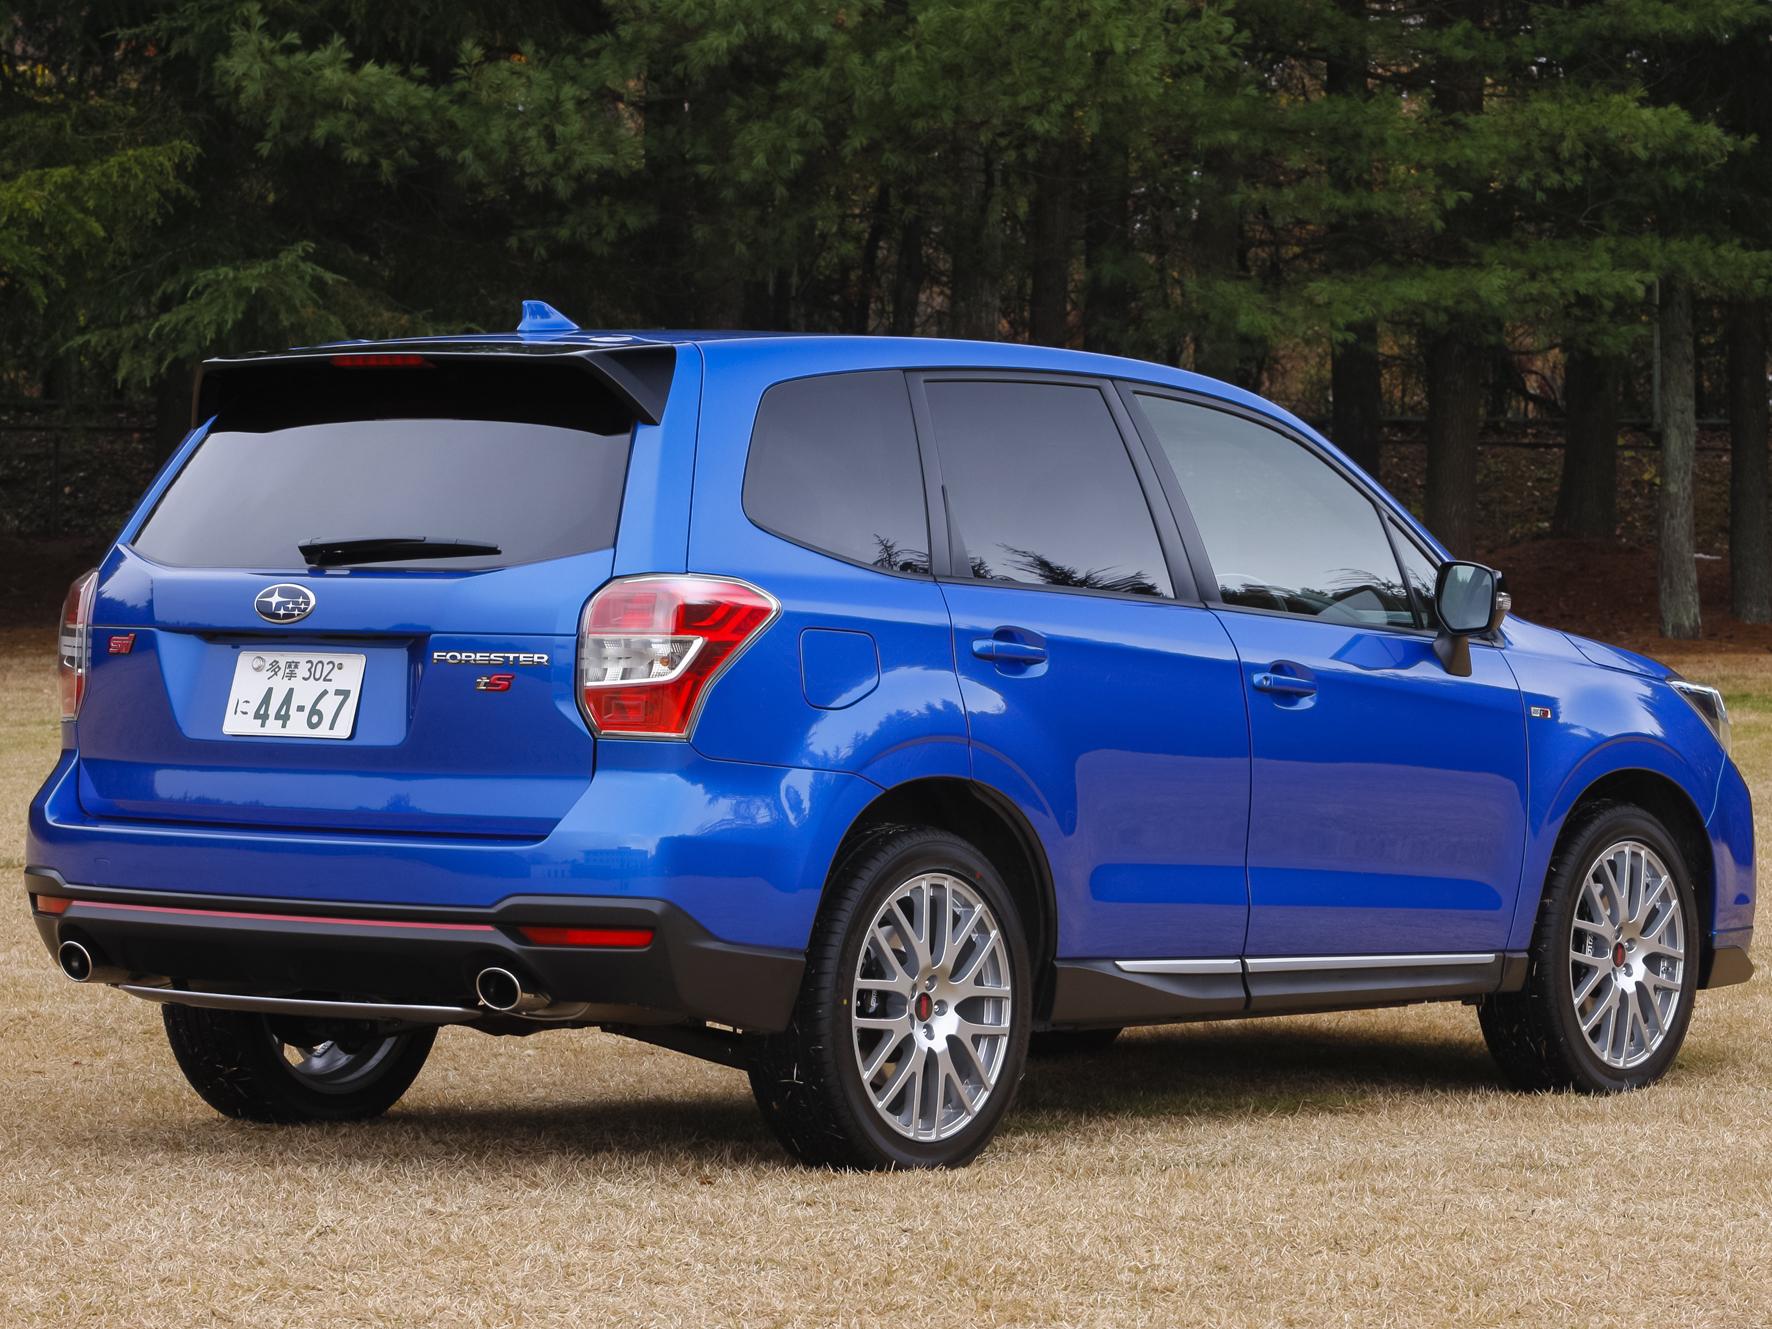 ▲外装は専用色であるWRブルー・マイカを含めた全4色展開。生産台数は300台限定となる